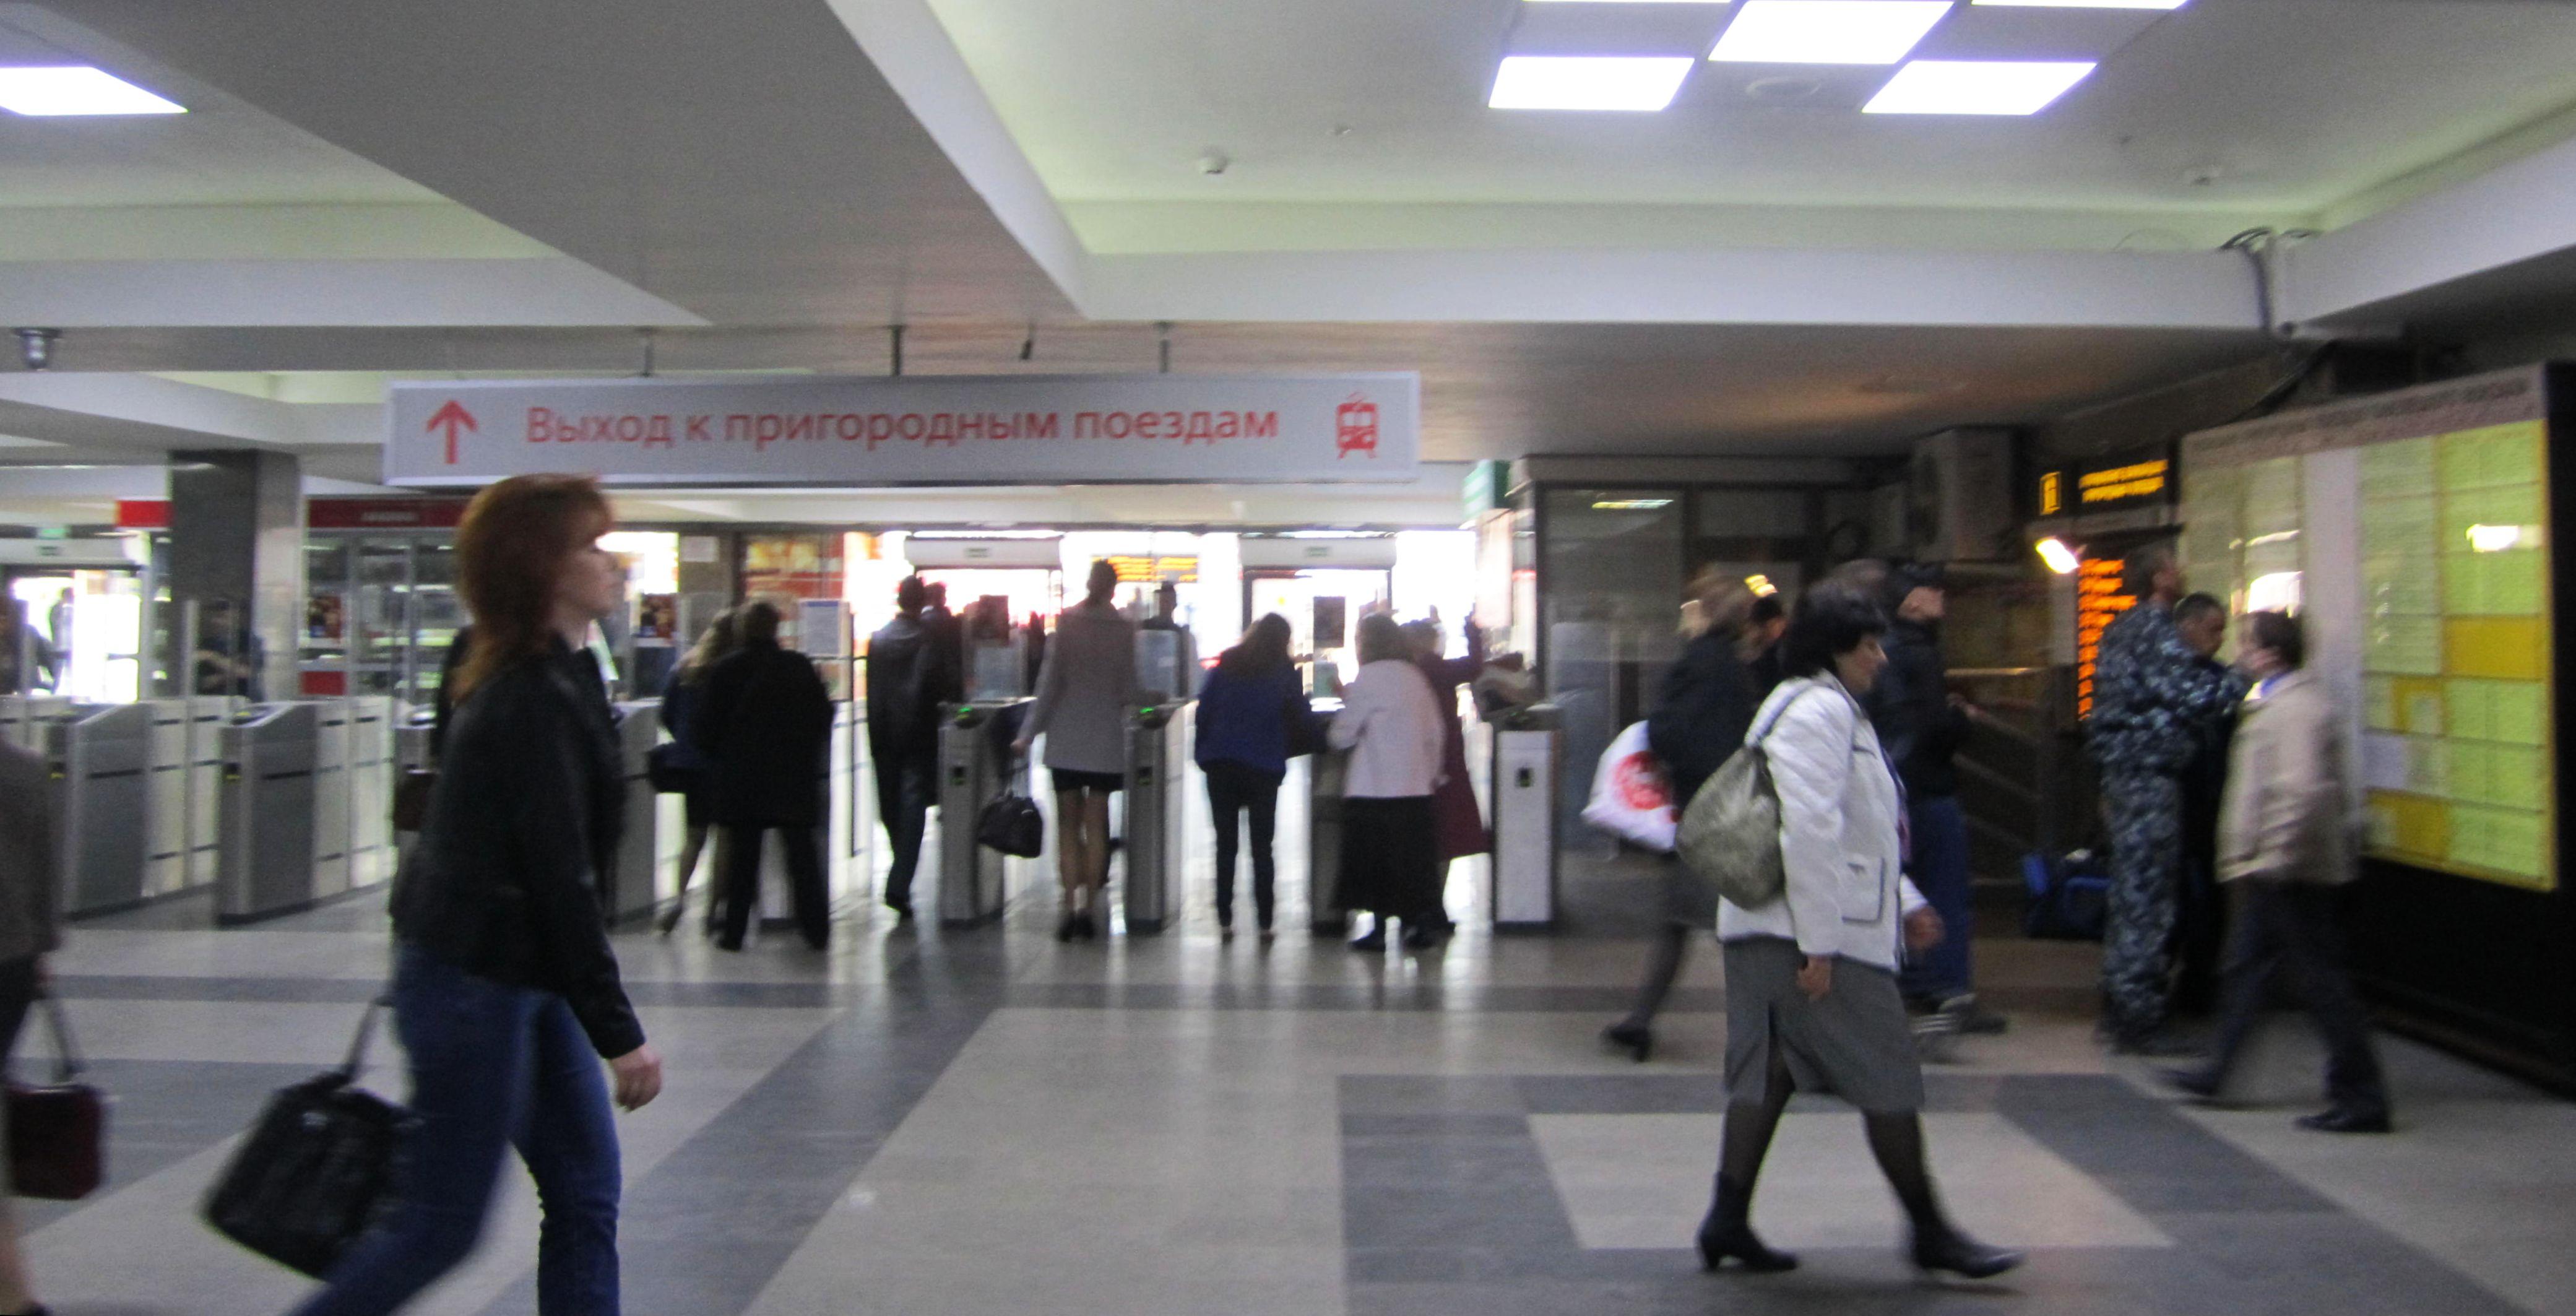 вам фото павелецкого вокзала и что находится рядом можете